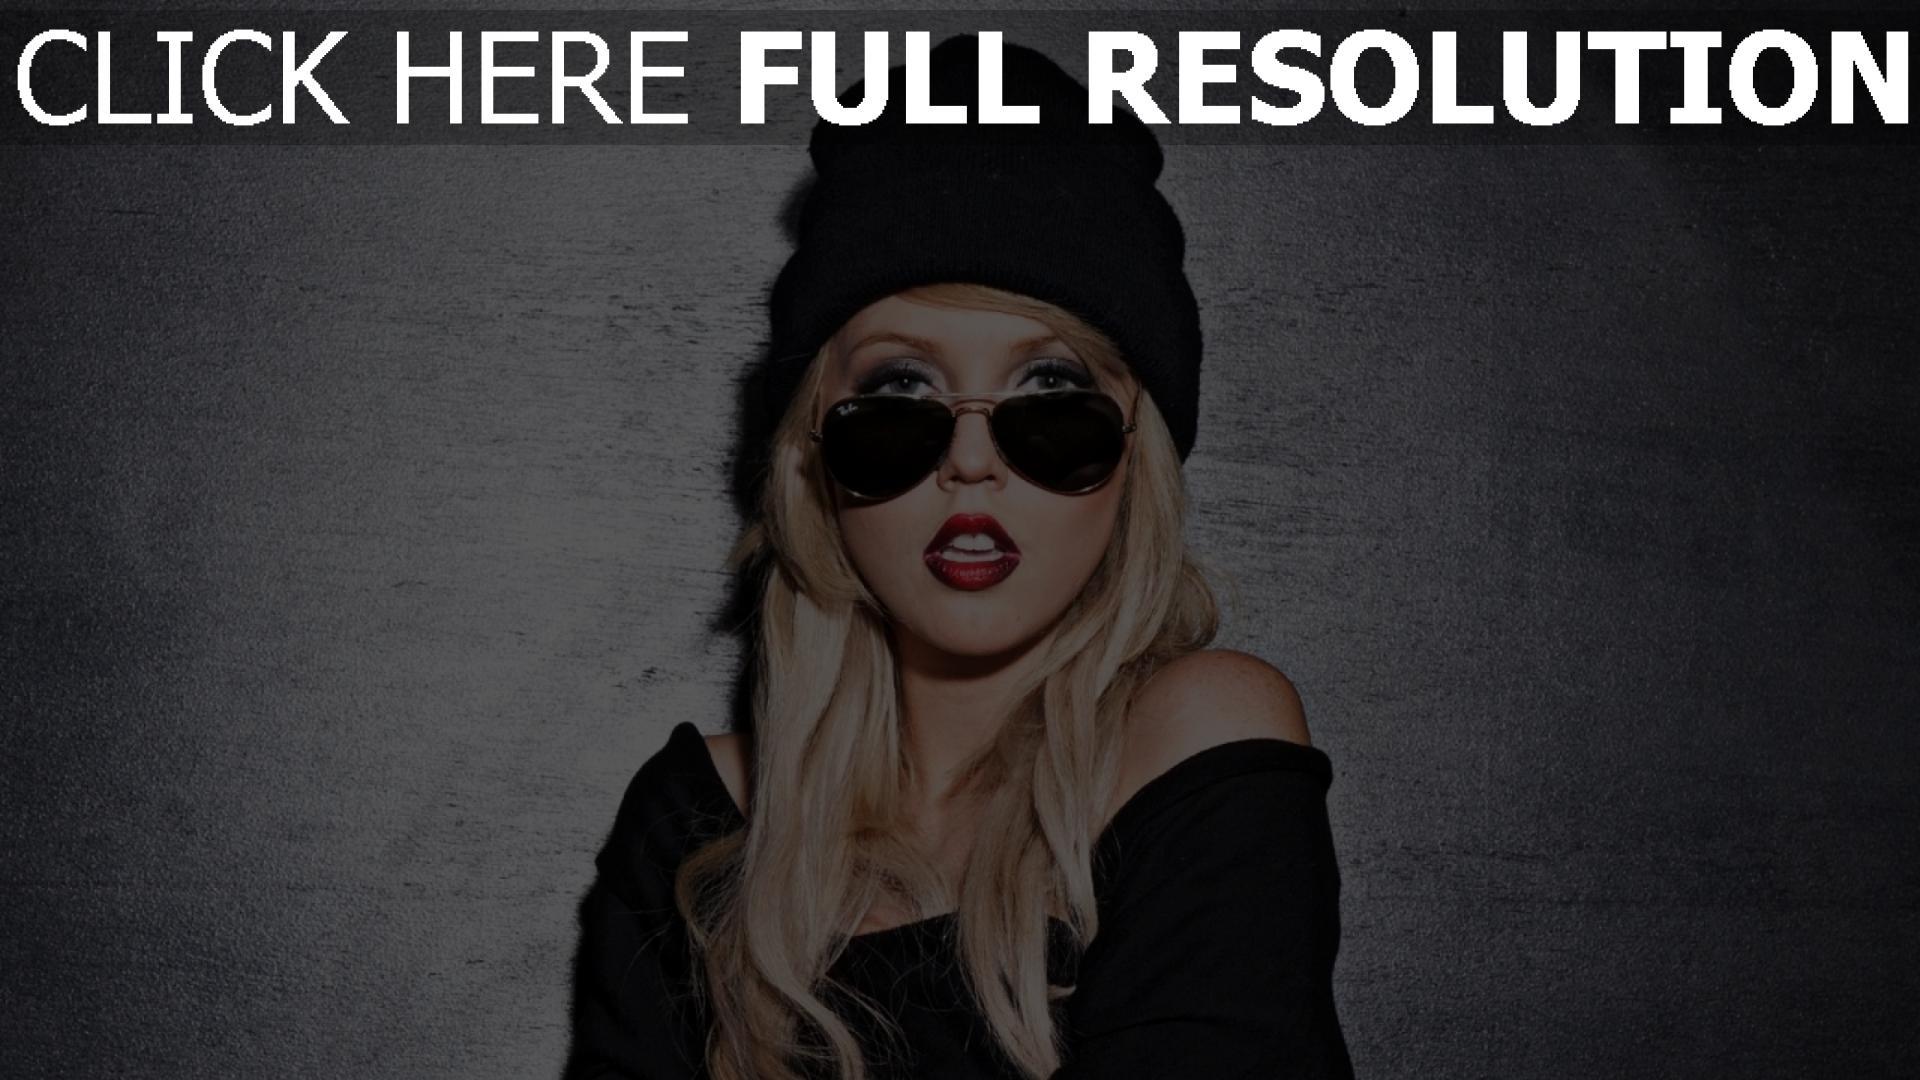 fond d'écran 1920x1080 blond lunettes de soleil style urbain chapeau